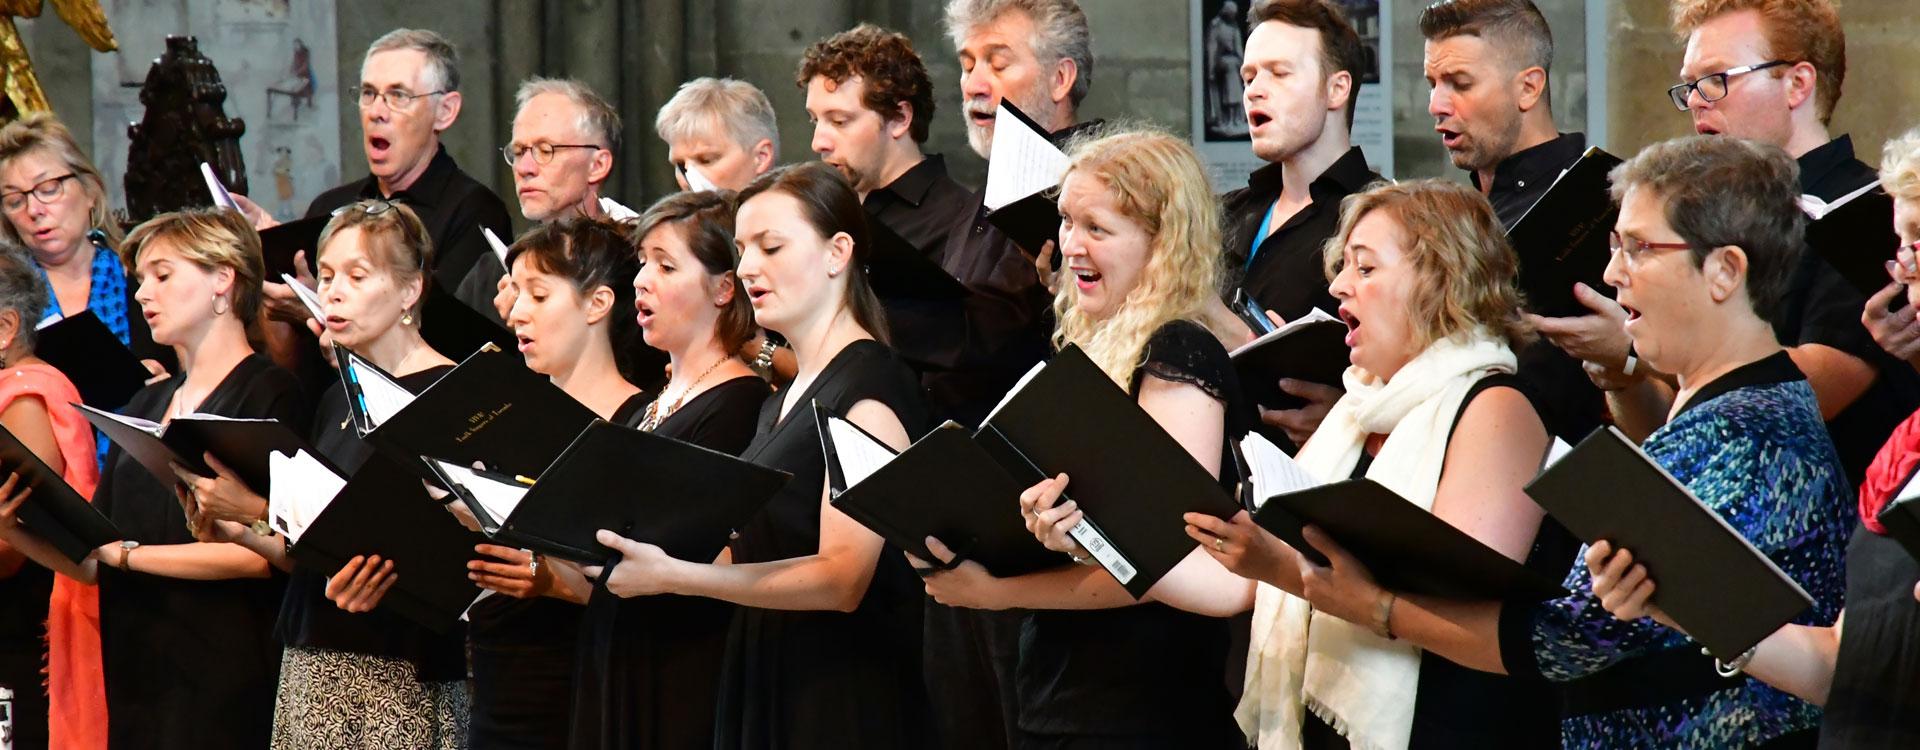 people singing in a choir